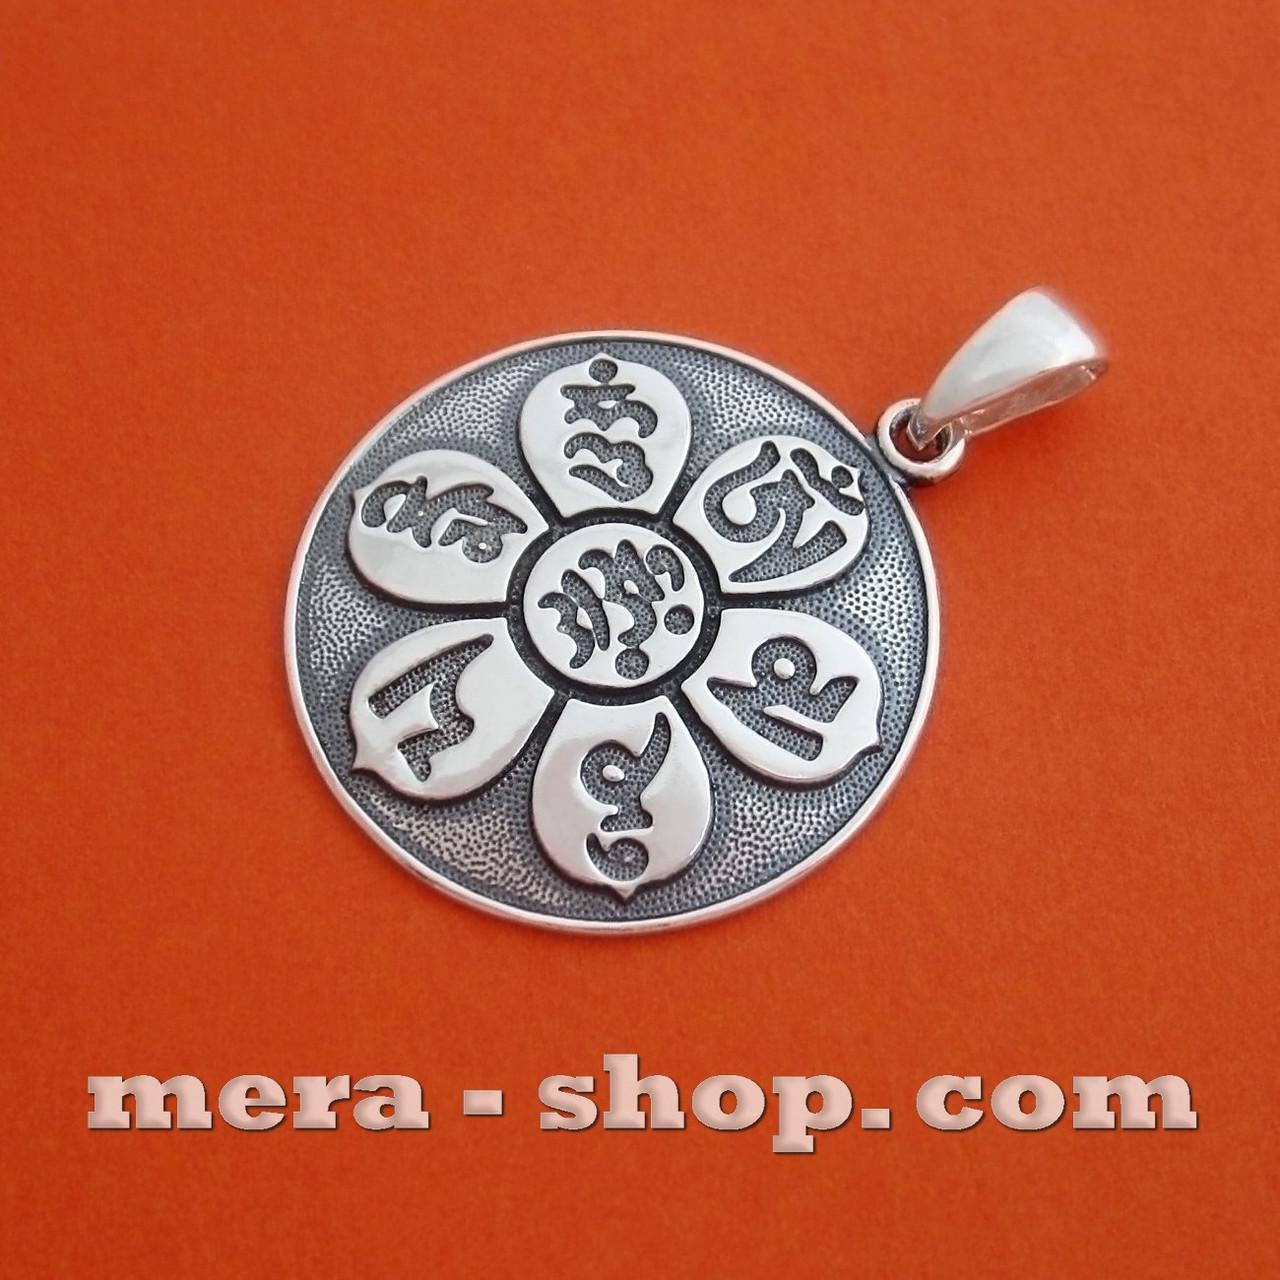 Буддийский серебряный амулет Лотос с мантрой, кулон из серебра 925 пробы (27 мм, 7.4 г)